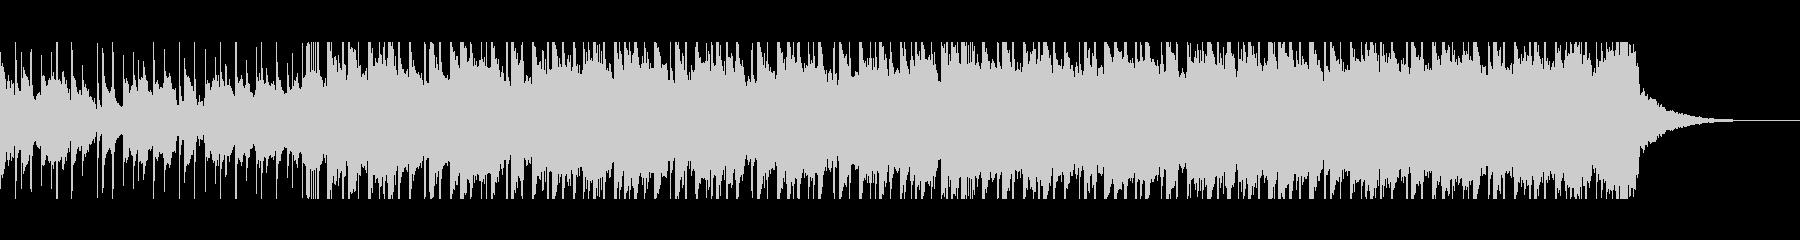 中東アラビア音楽(60秒)の未再生の波形